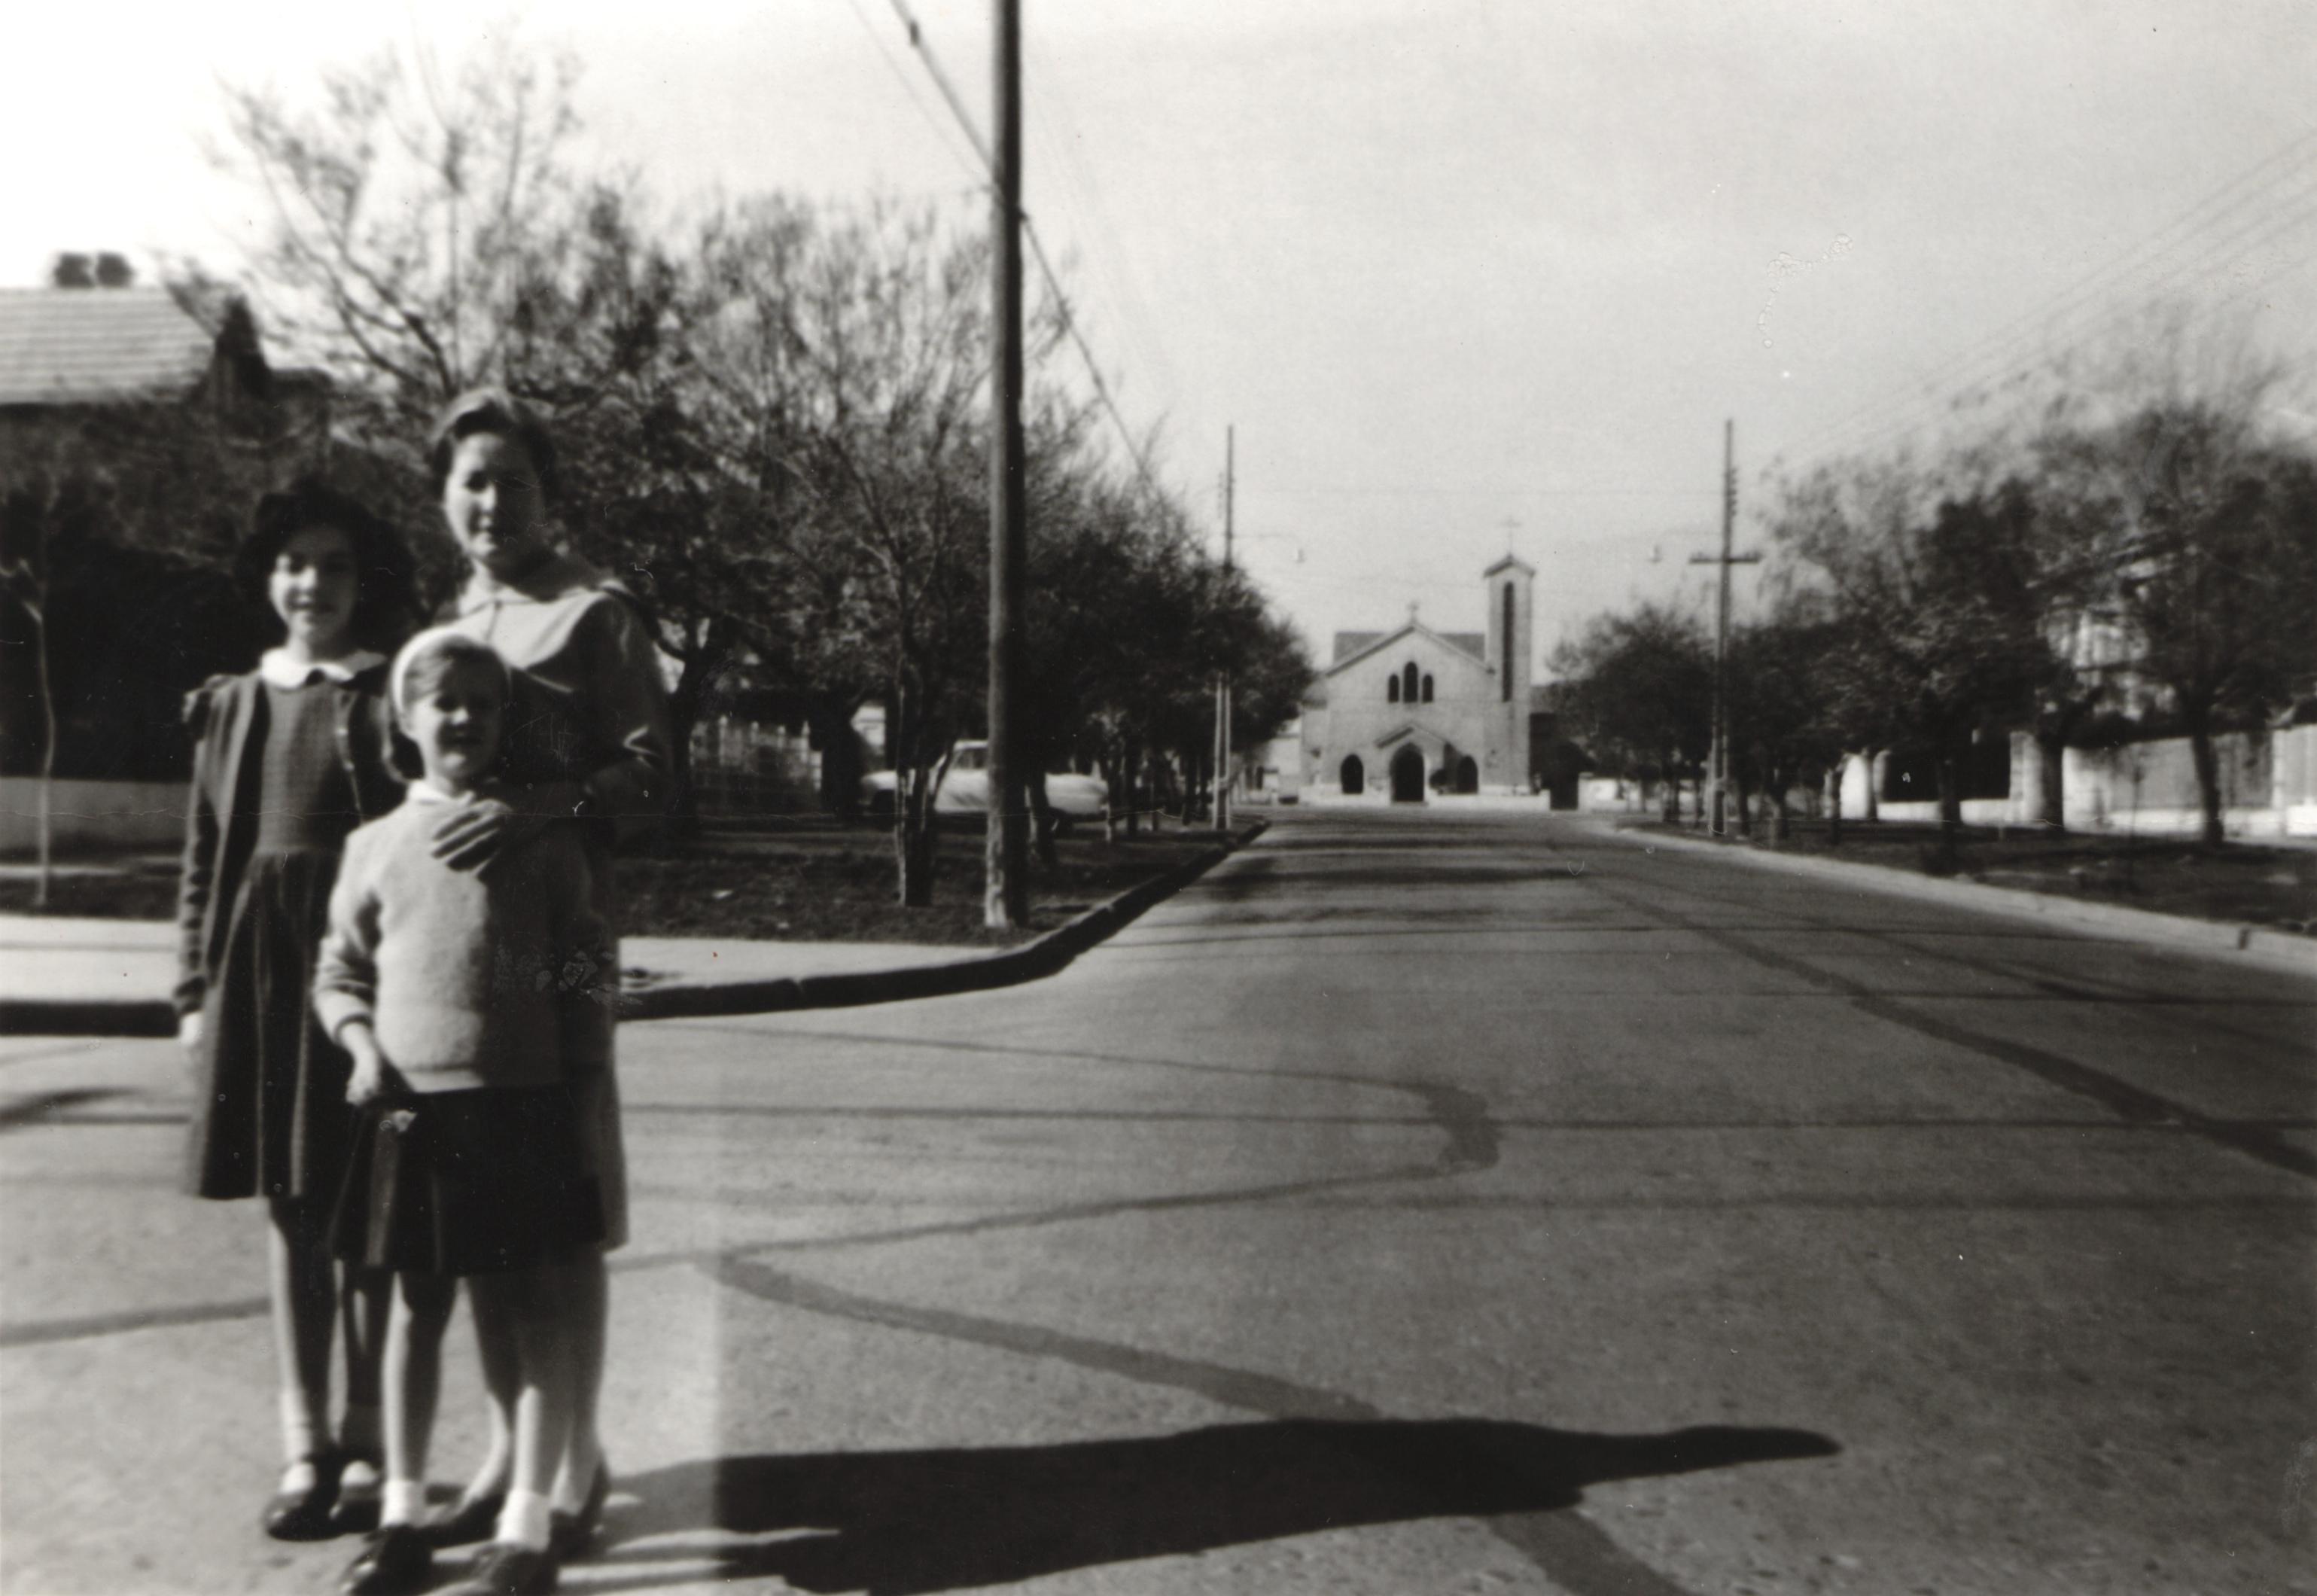 Enterreno - Fotos históricas de chile - fotos antiguas de Chile - Barrio El Golf, Santiago, 1962